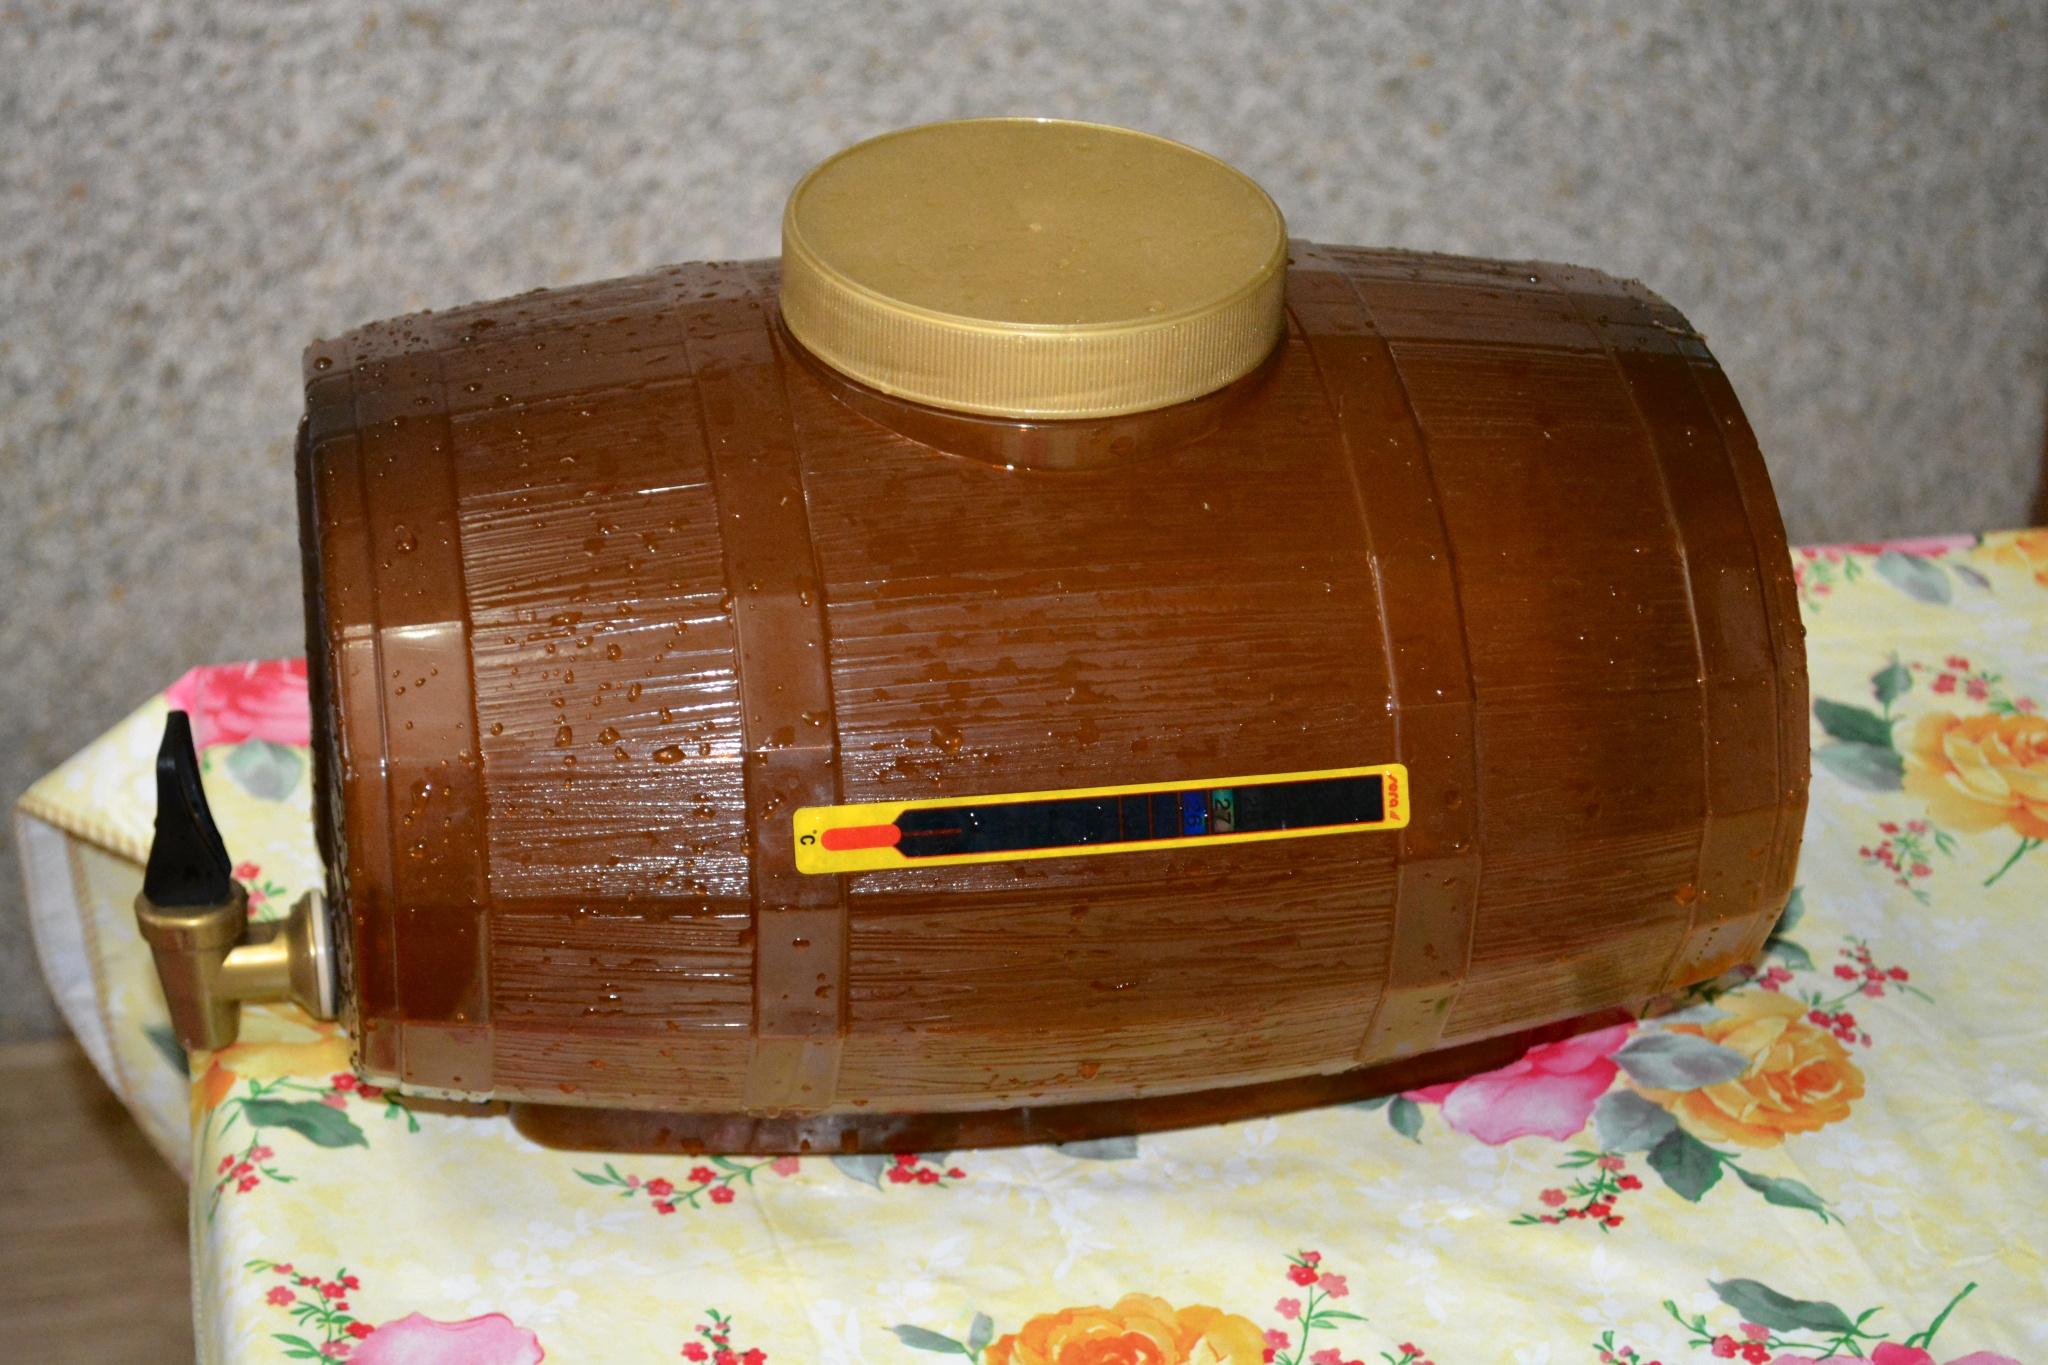 Пивоварня домашняя inpinto master pro отзывы самогонный аппарат холодильник купить